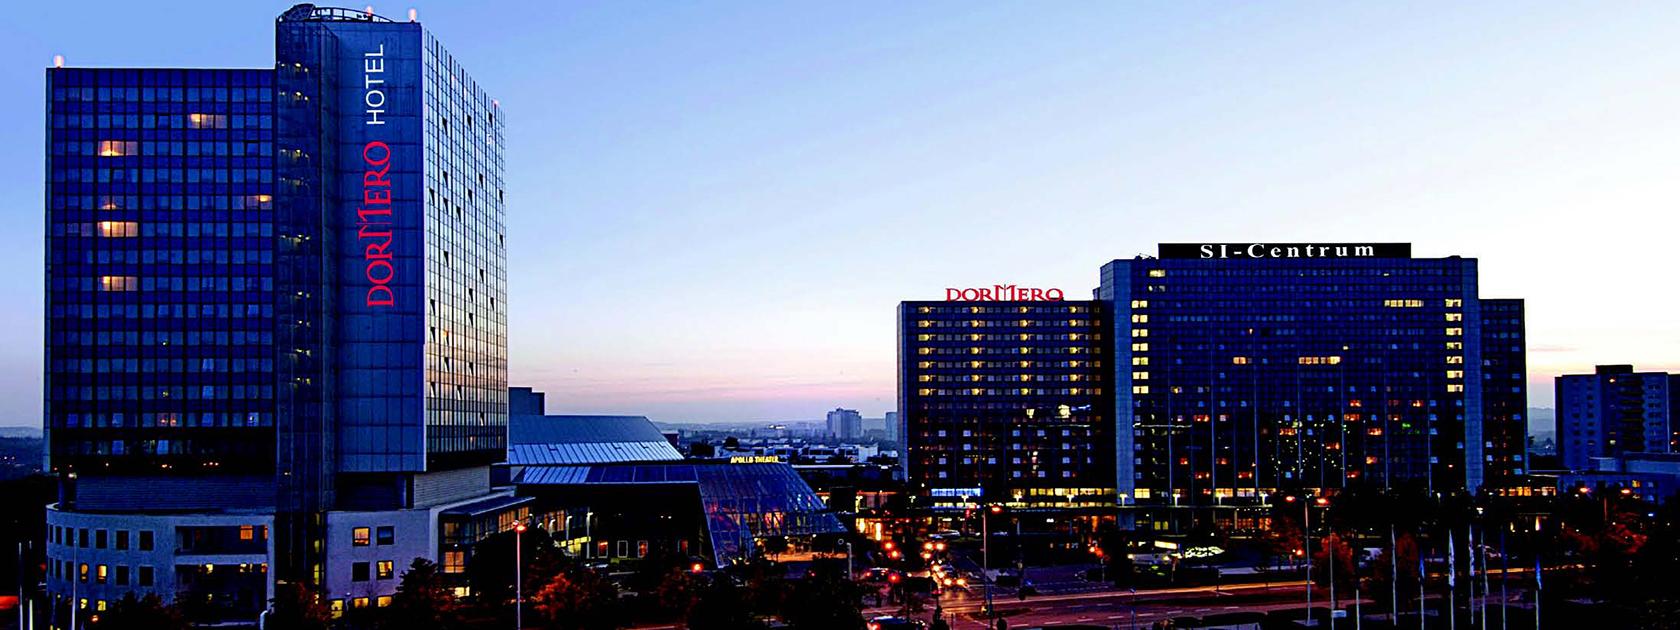 b87a565e4b2bf0 Dormero Hotel